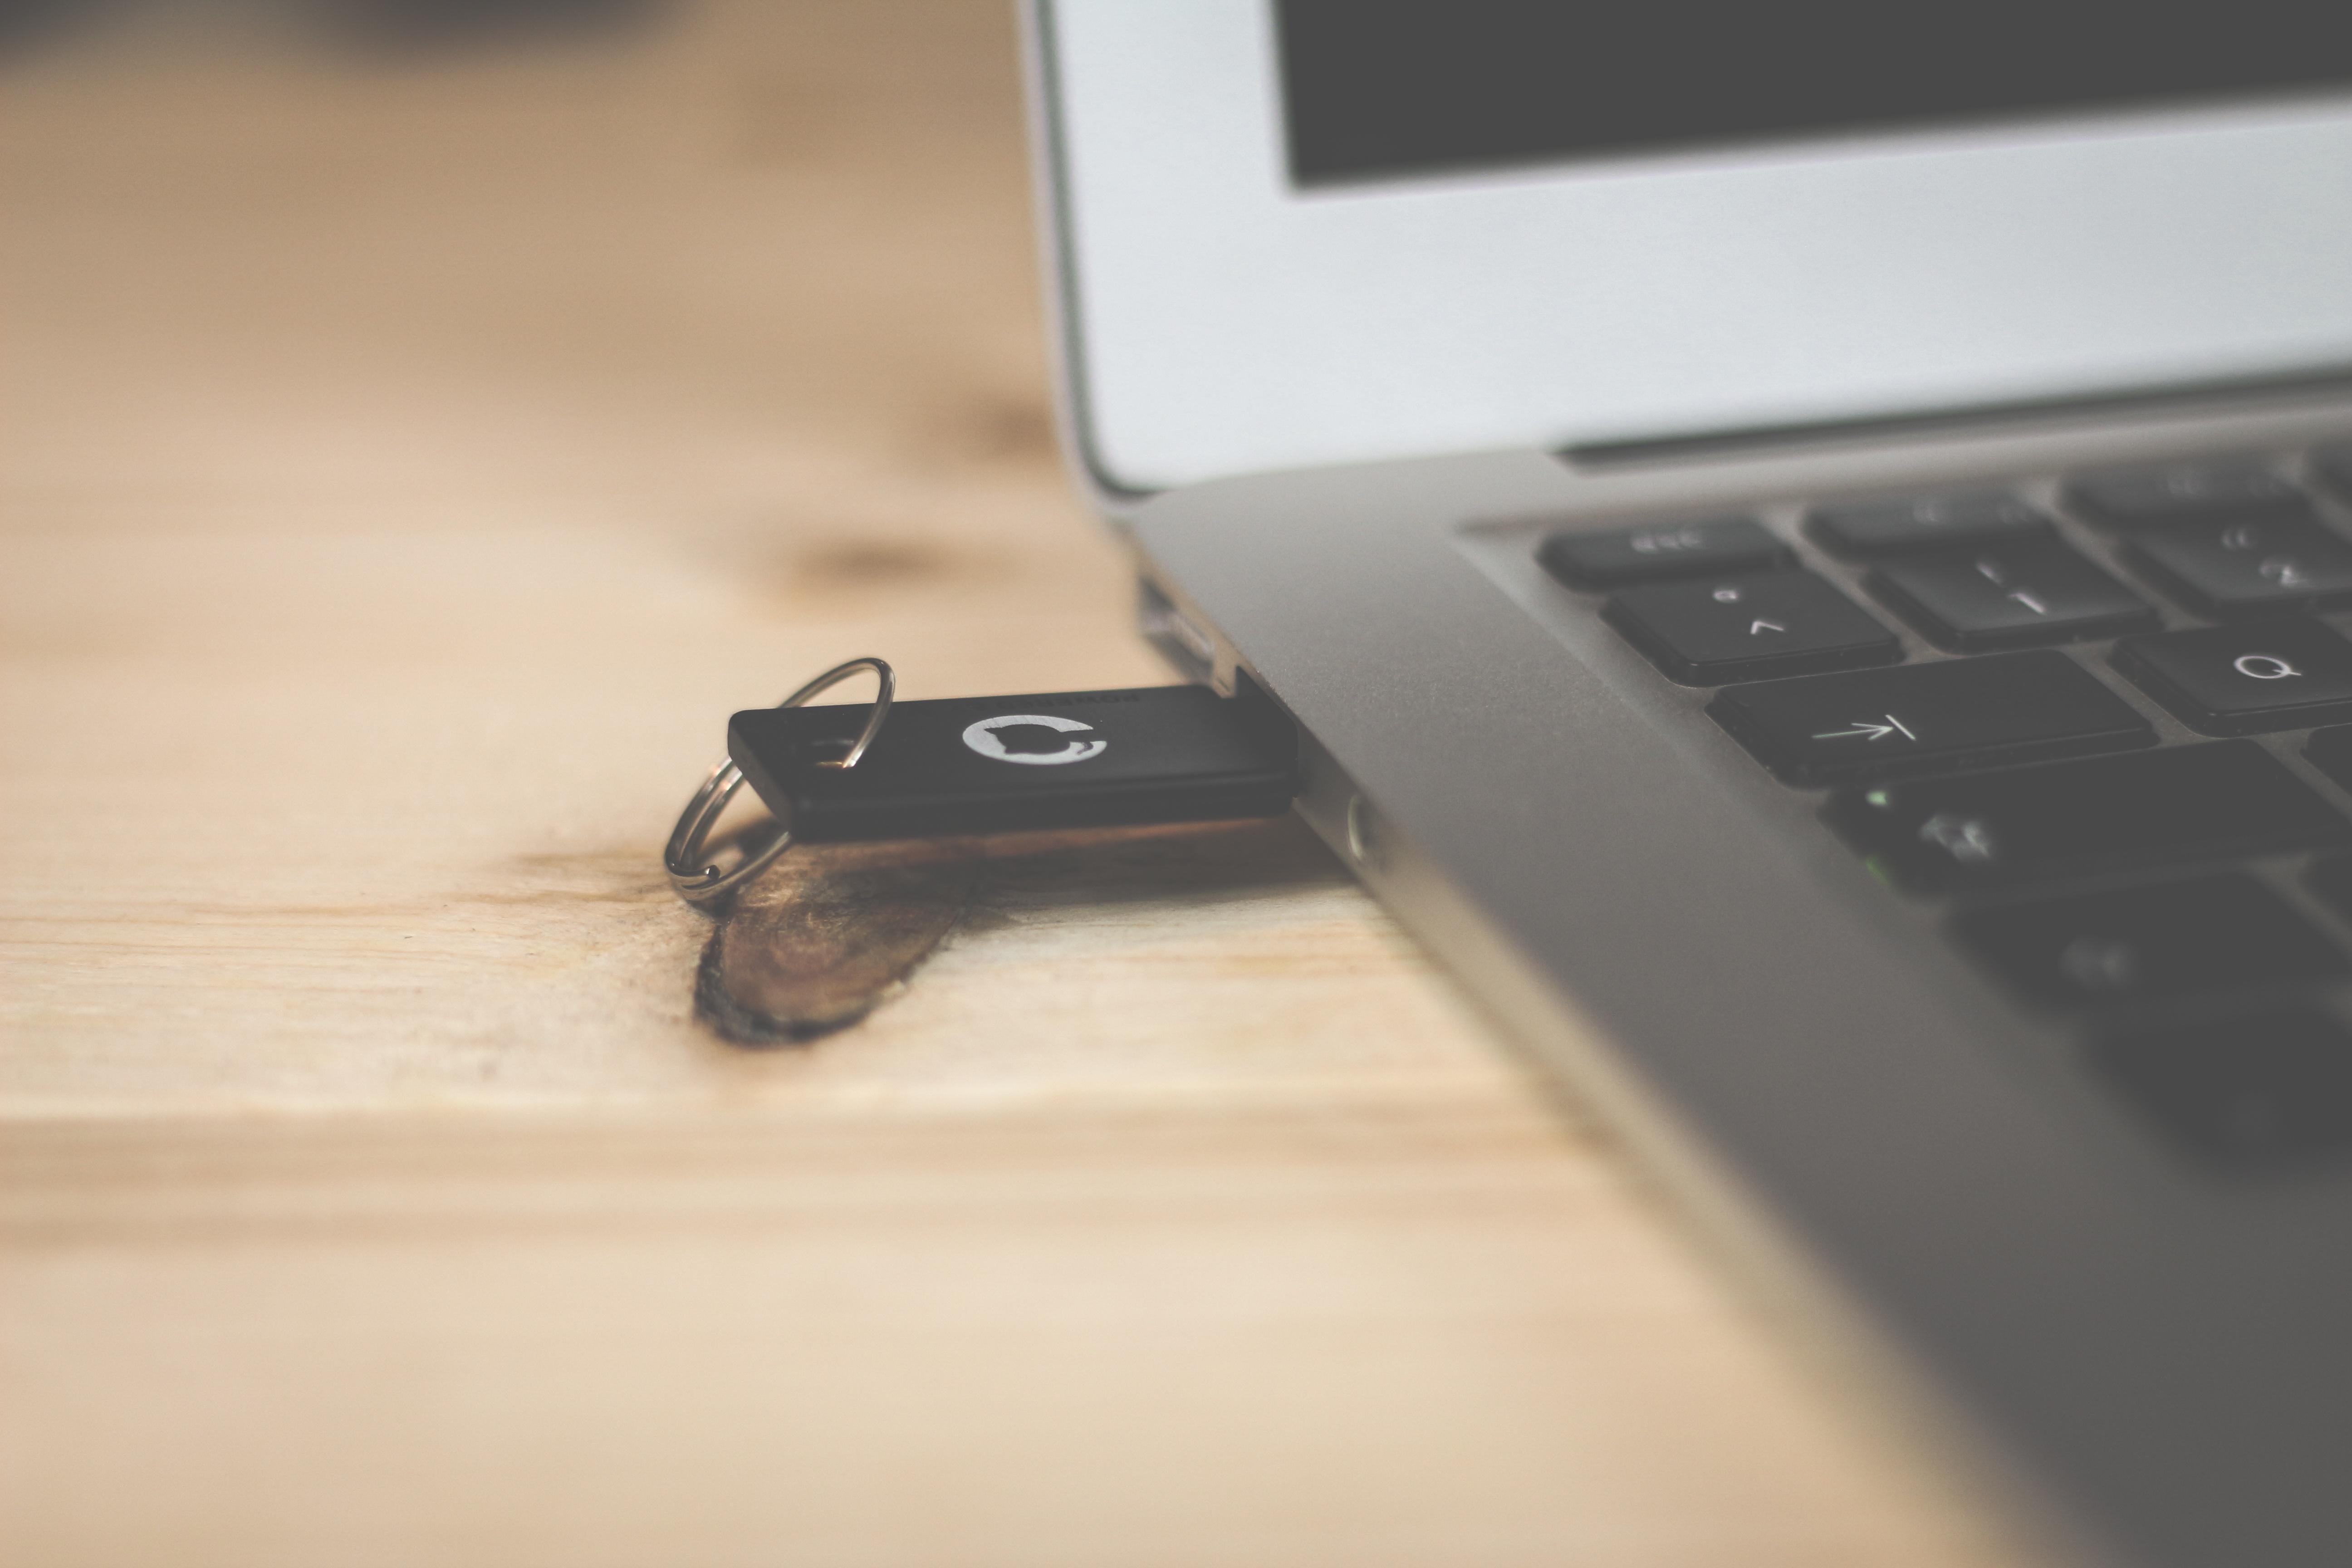 【活用】小さくて便利なUSBメモリで出来る事とは